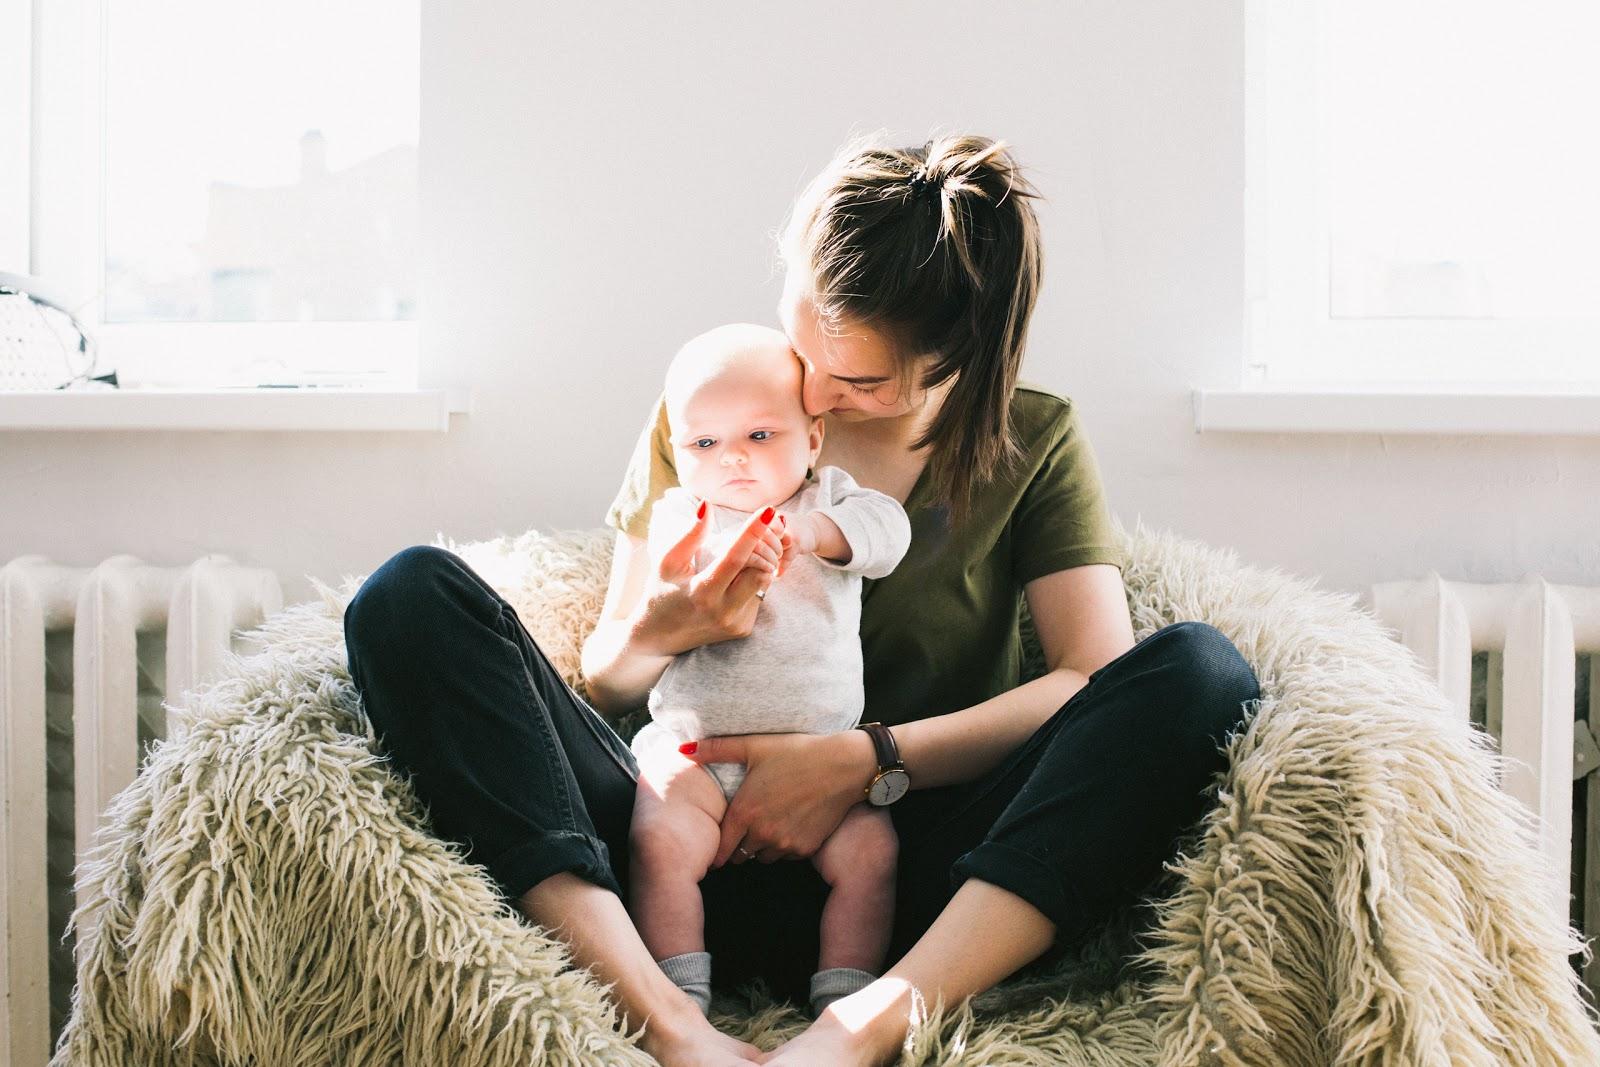 mama, matka, zła matka, czy jestem dobrą matką, niemowlę, macierzyństwo